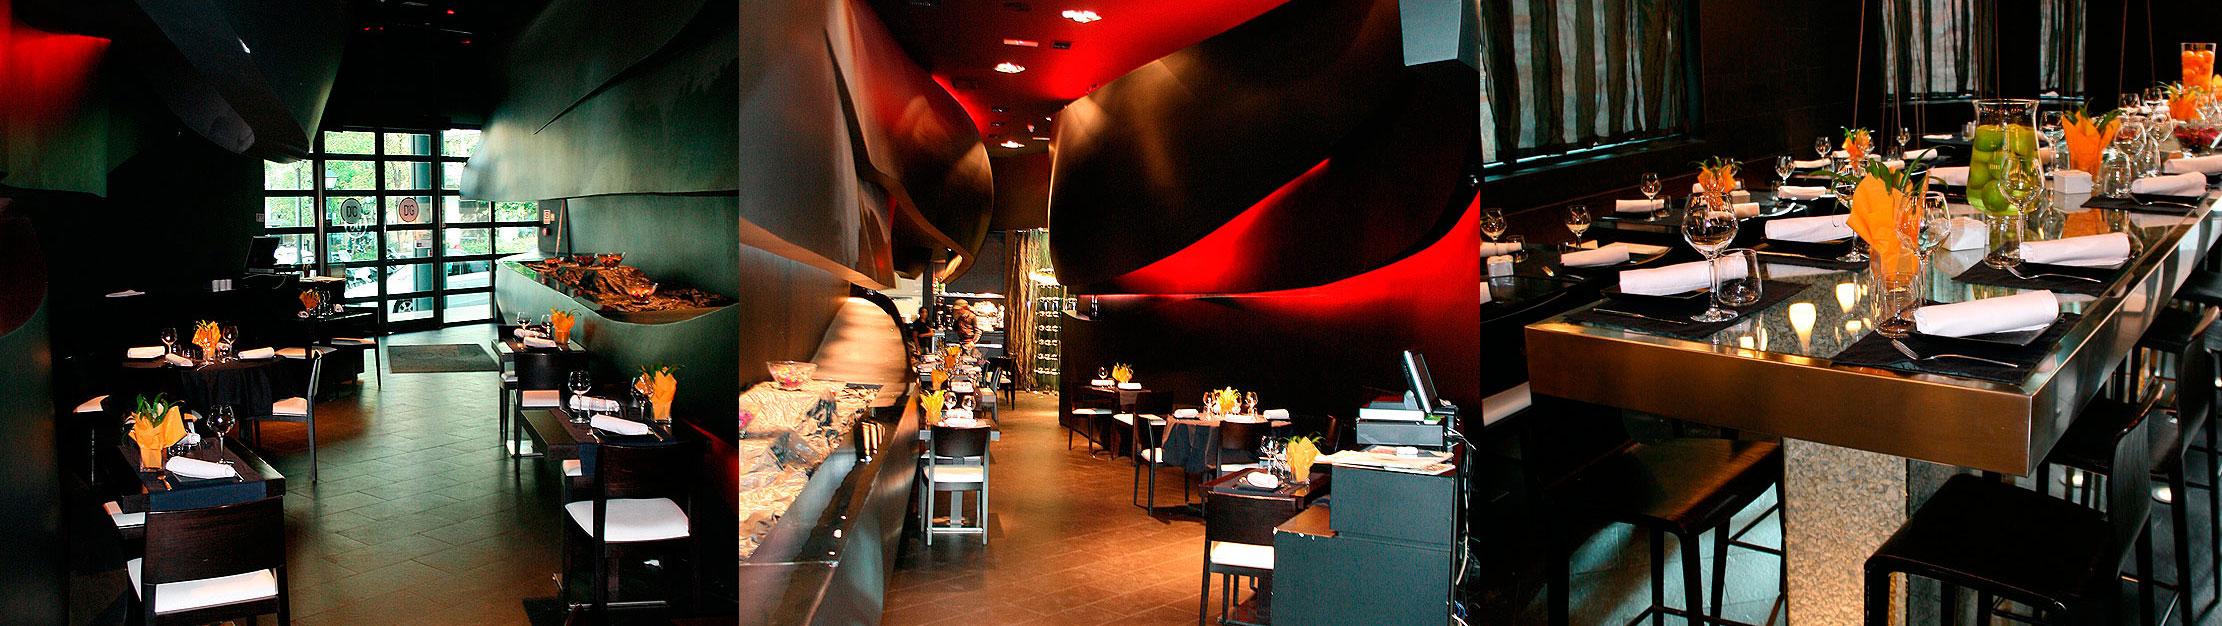 Reformas para restaurantes de lujo-Imágenes combinadas.